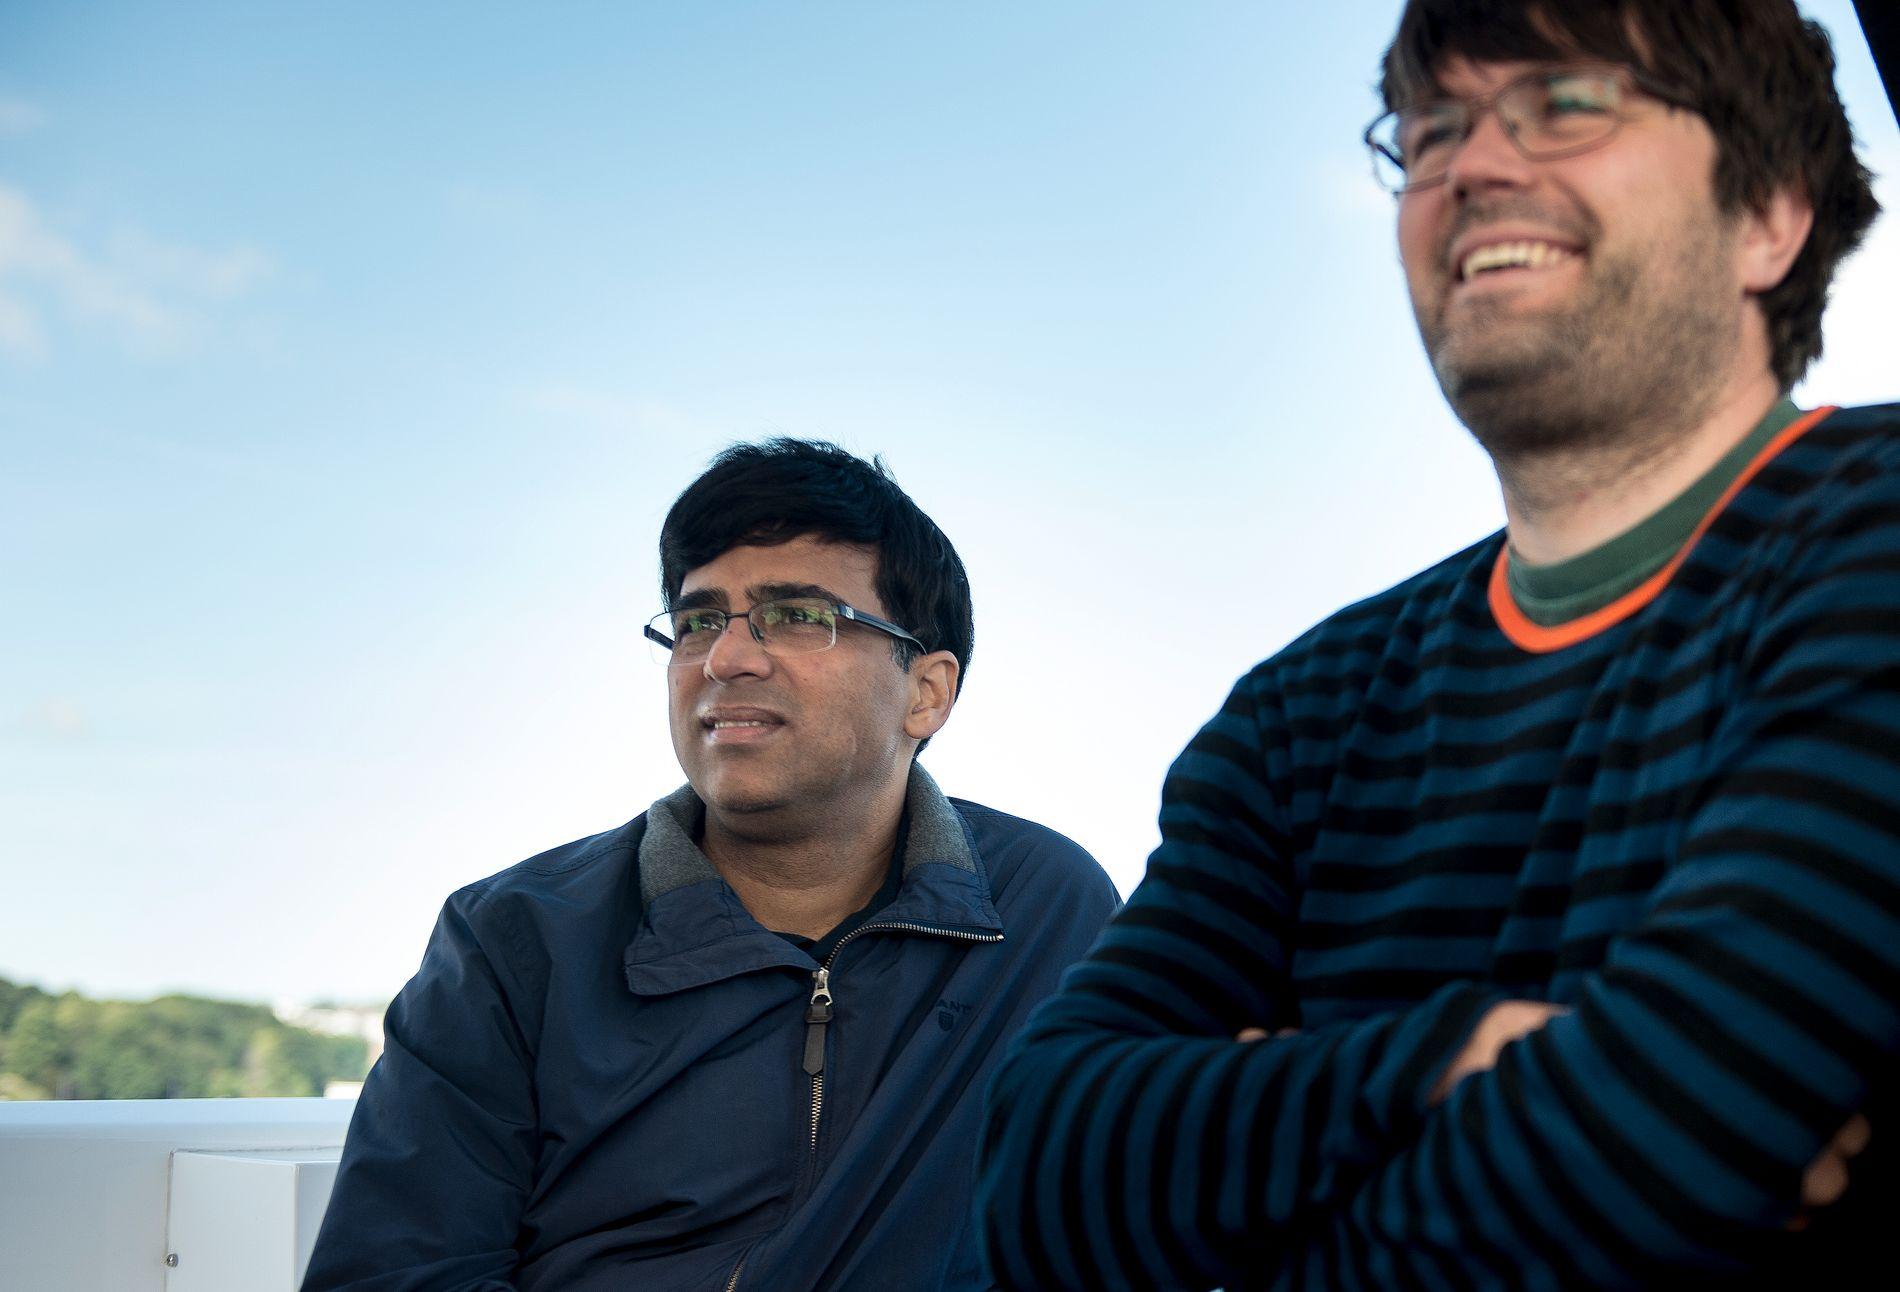 Peter Heine Nielsen var en del av Viswanathan Anands sekundantteam. Så begynte han å jobbe for Magnus Carlsen i stedet. Her er Heine Nielsen og Anand sammen på en båttur organisert av Norway Chess i 2018.